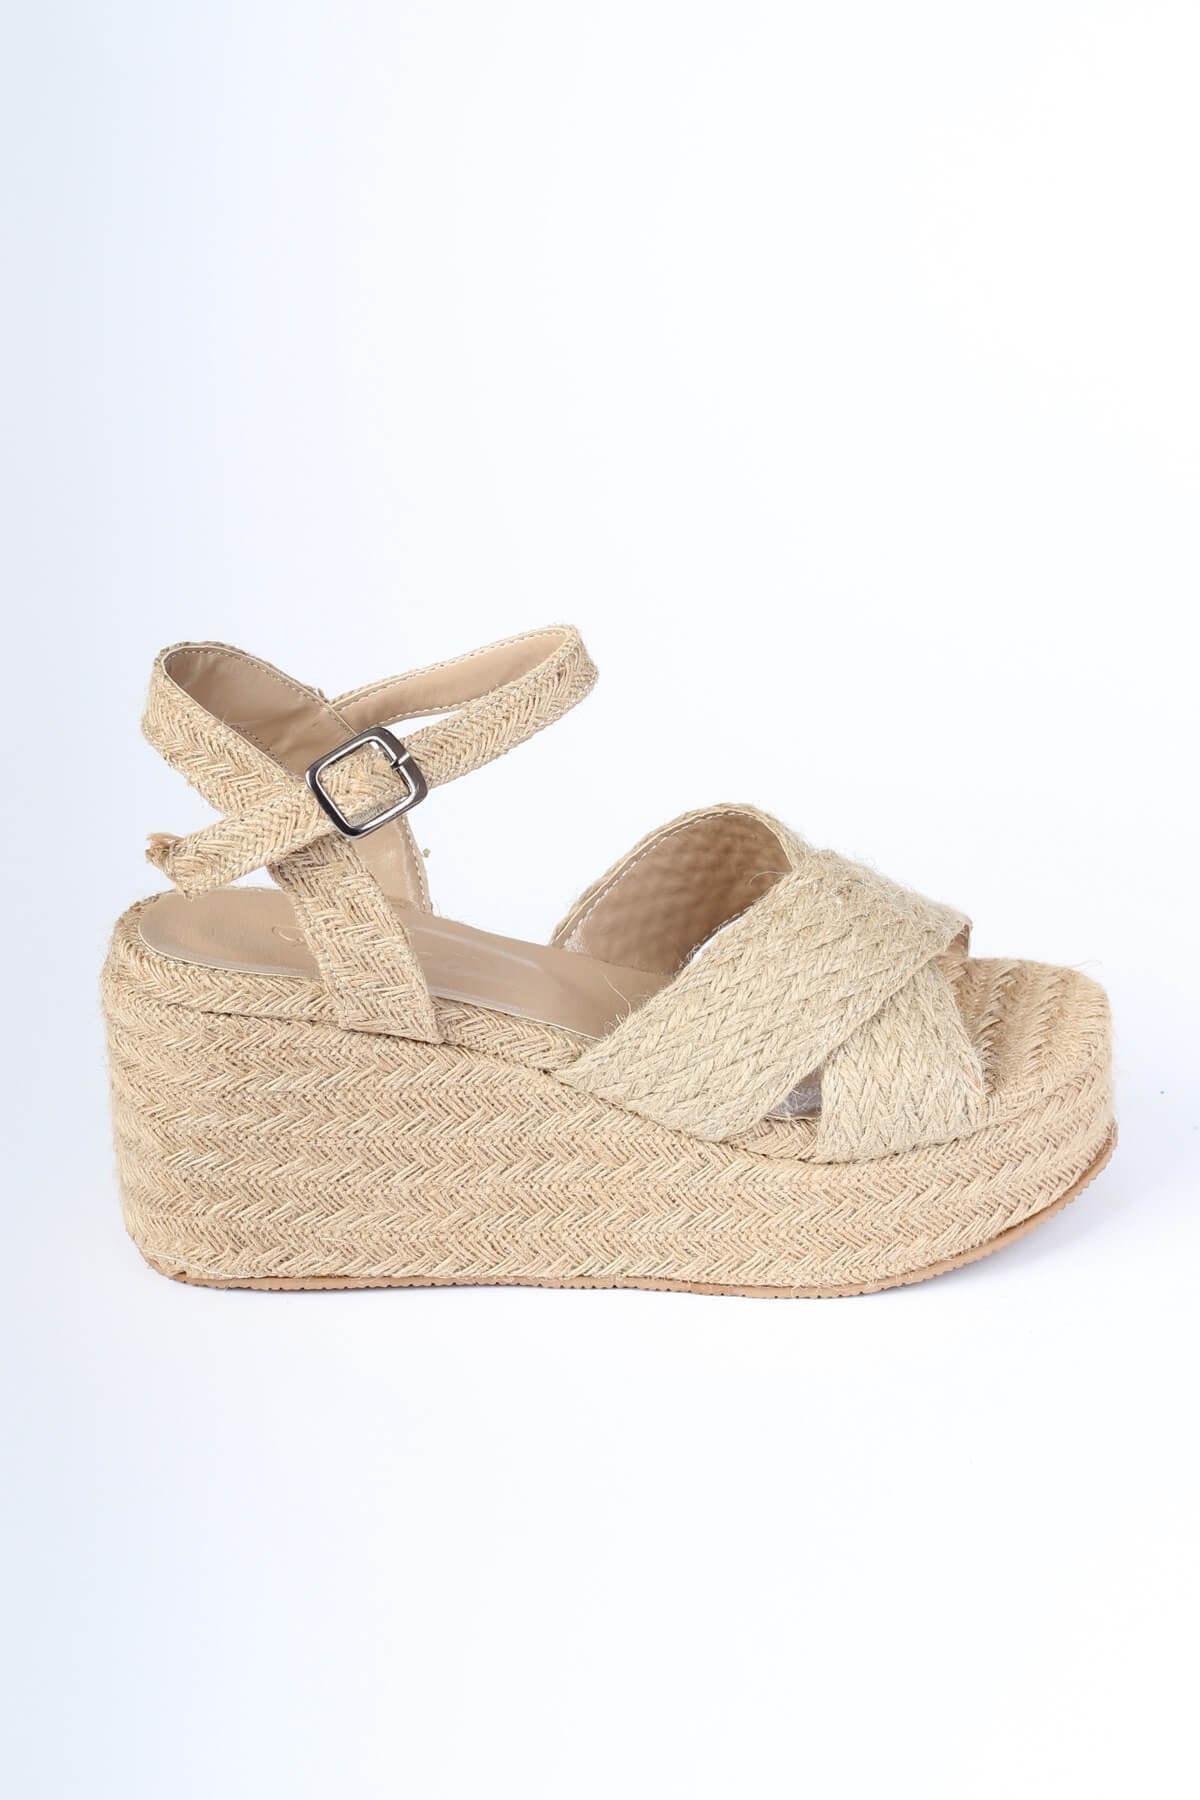 Modabuymus Hasır Dolgu Tabanlı Çapraz Bantlı Espadril Kadın Sandalet - Yummy 2